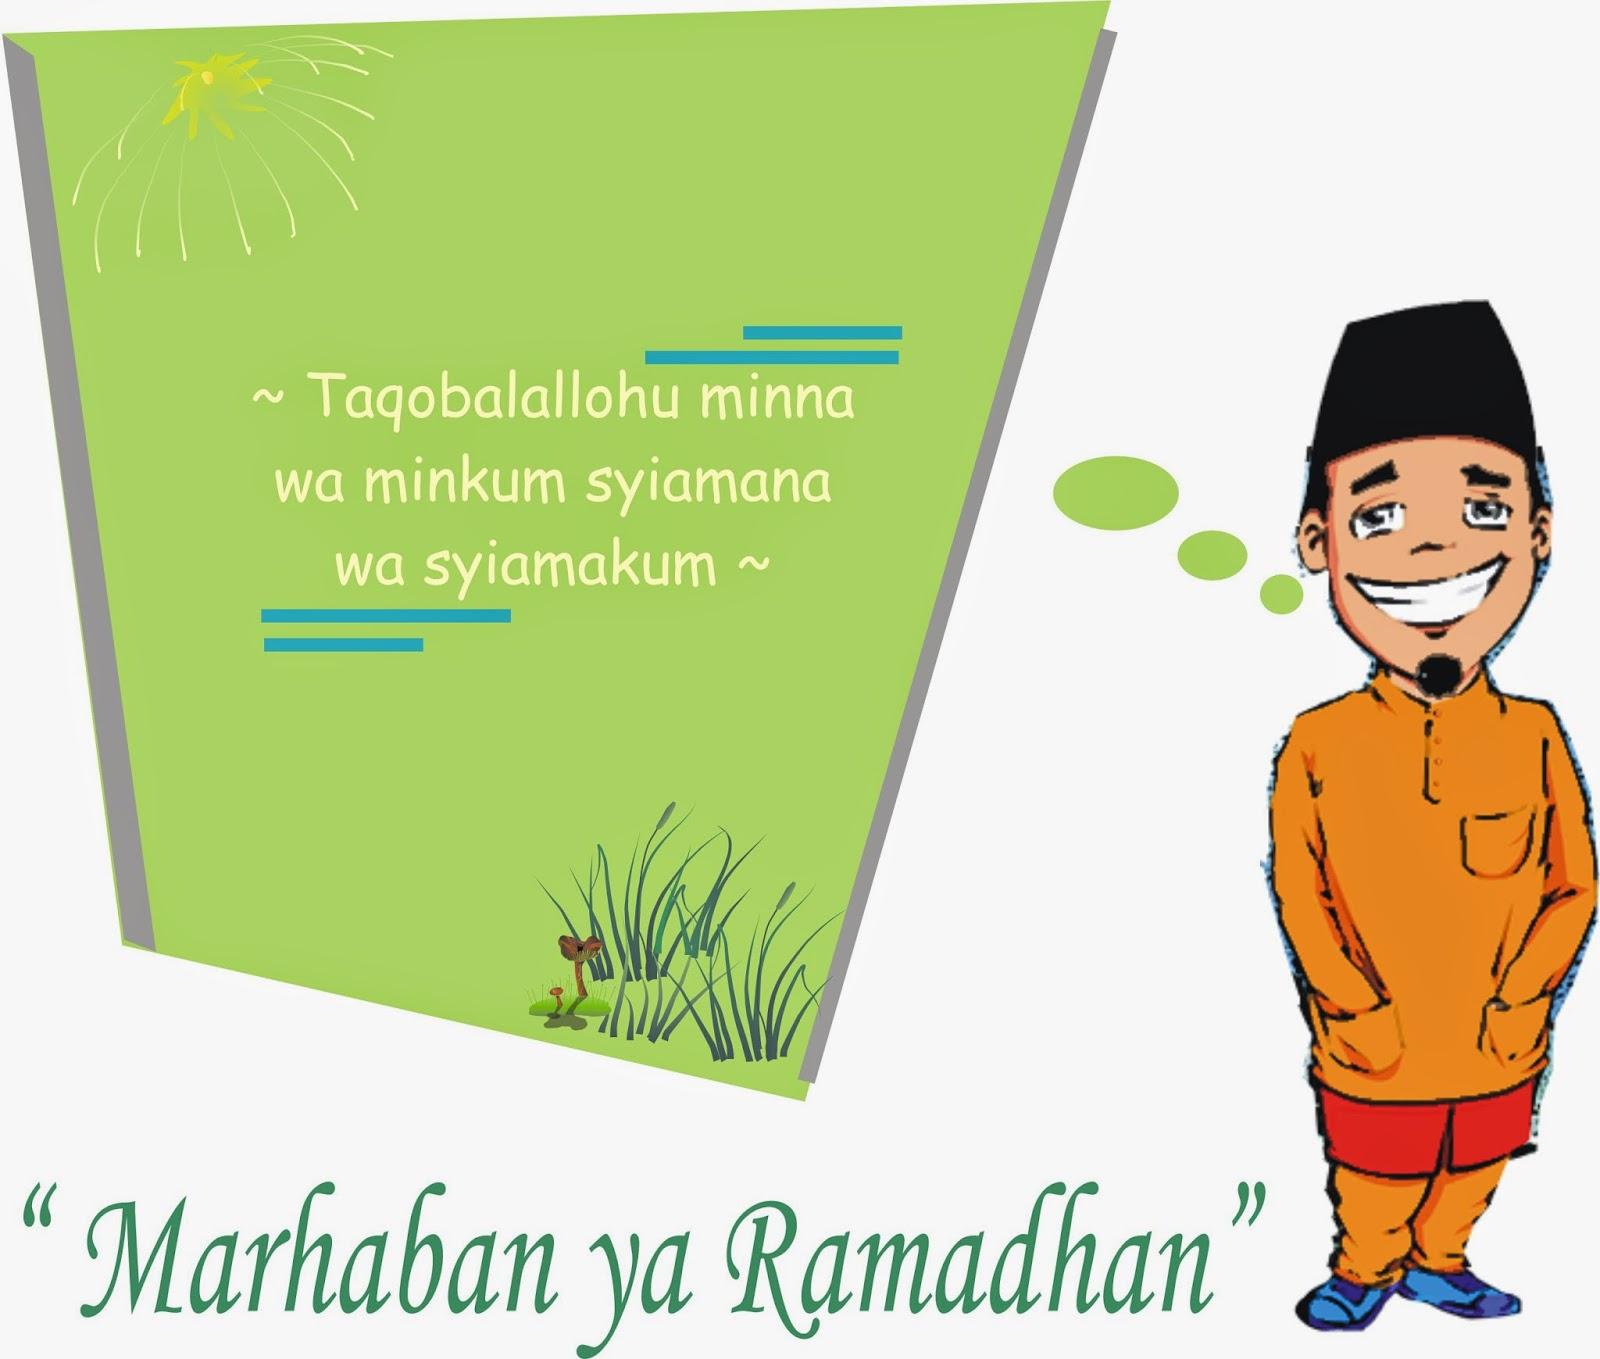 Kumpulan Kata Dan Gambar Ucapan Selamat Ramadhan 2015 Eko